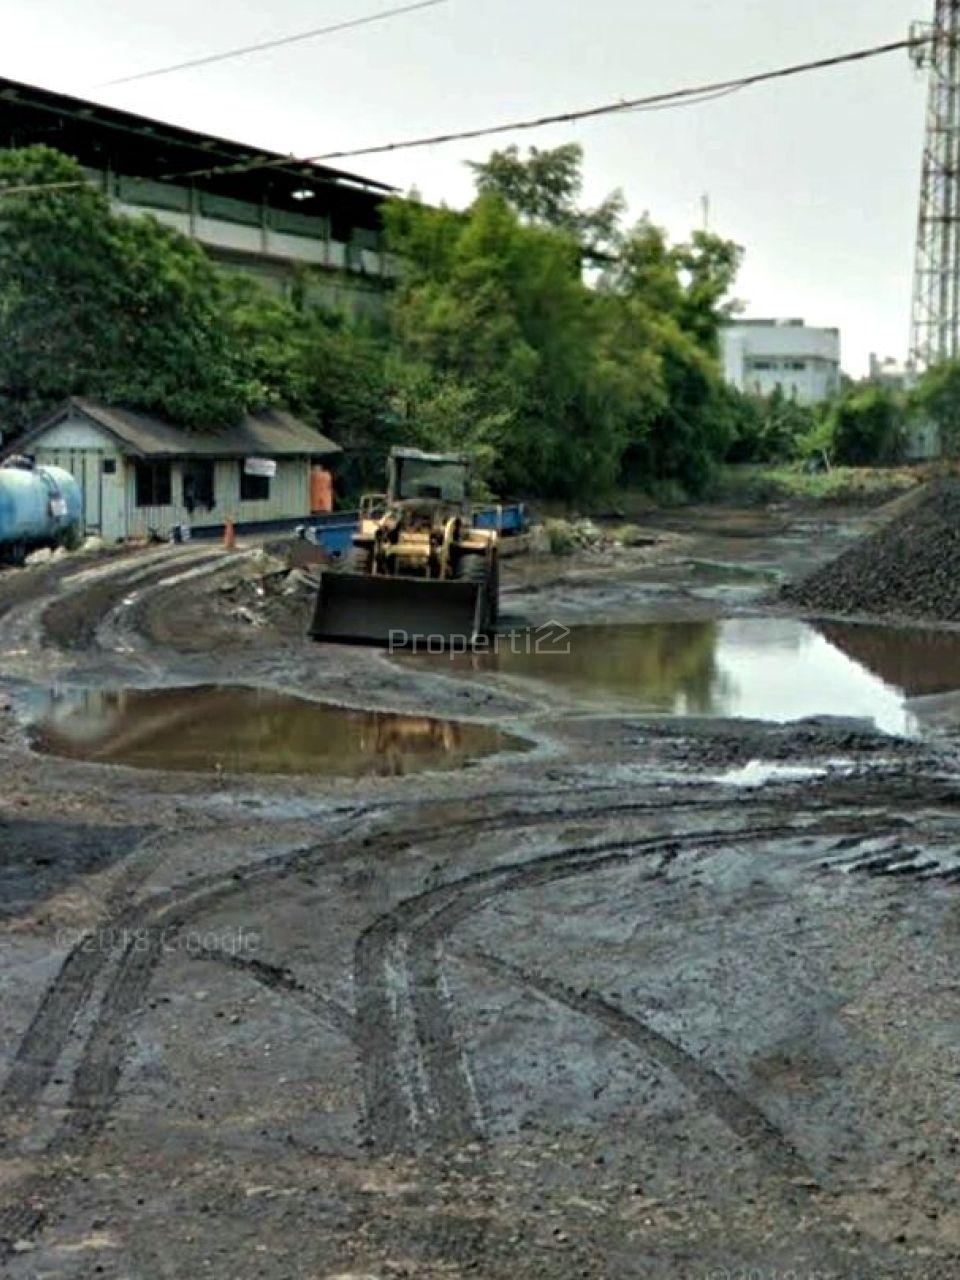 Lahan 2,8 Ha peruntukan Industri dan Gudang di Cakung, DKI Jakarta